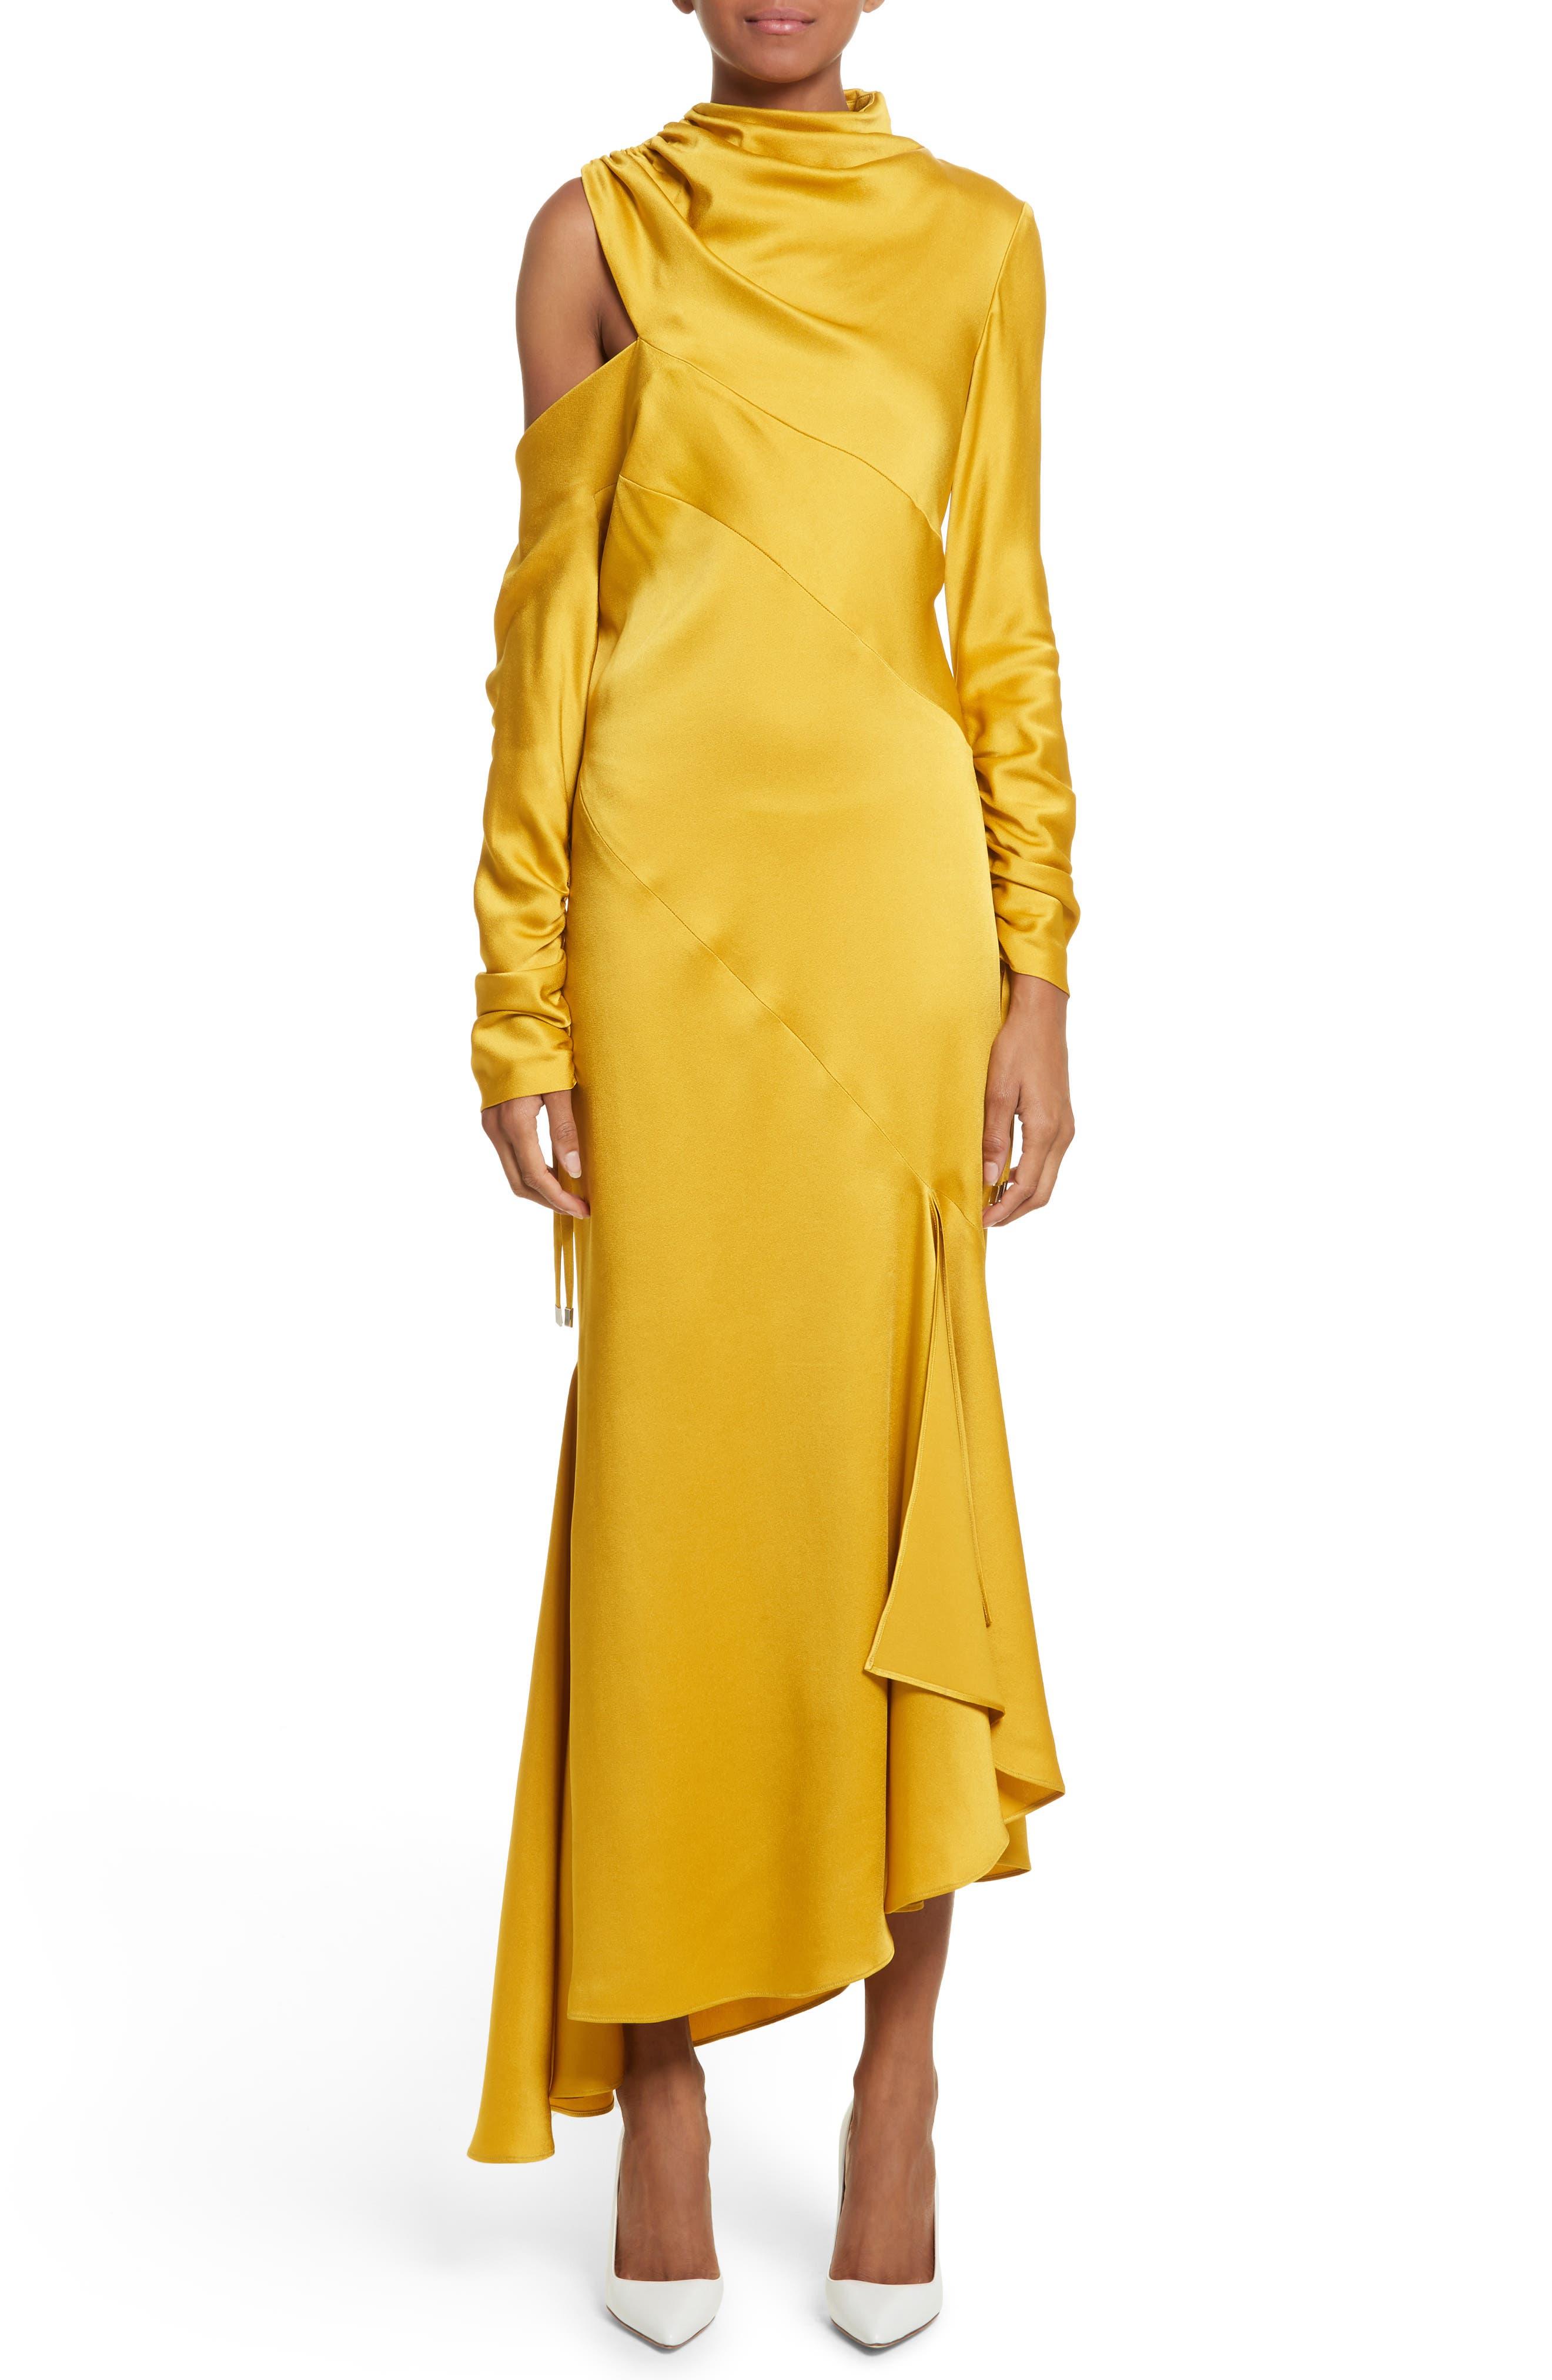 Main Image - Monse Crepe Back Satin Cold Shoulder Dress